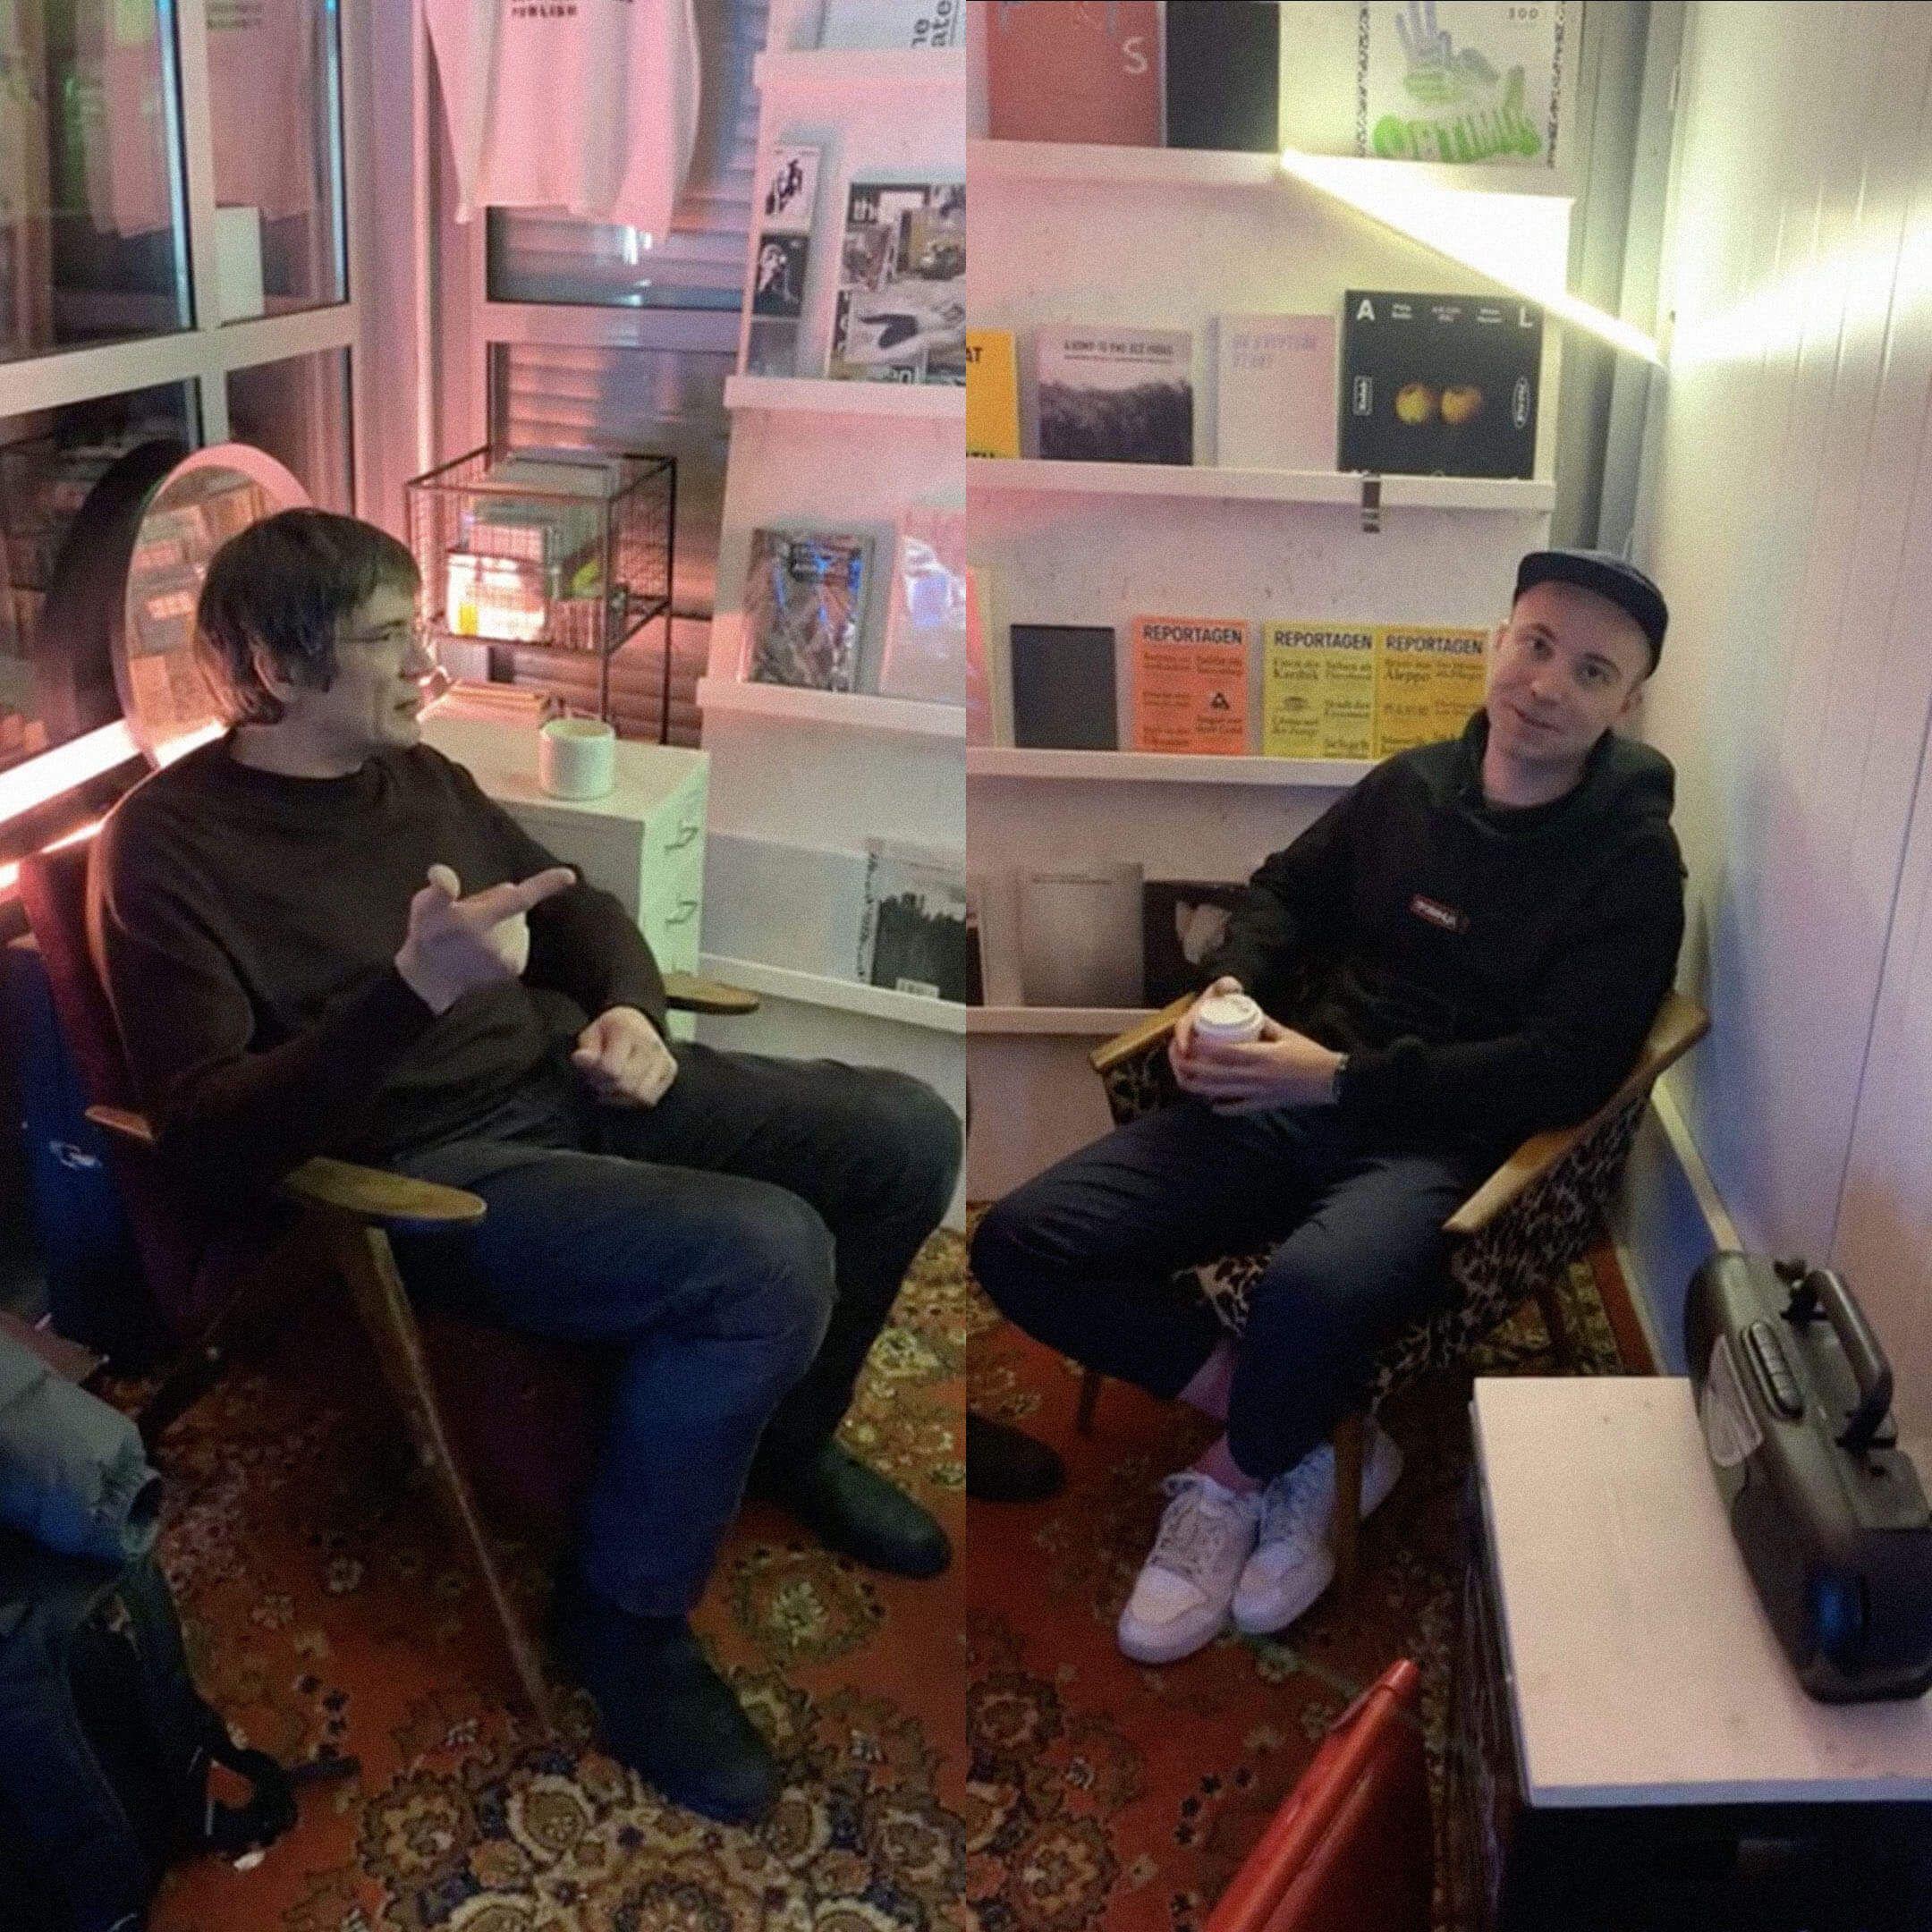 Журналист Даниил Туровский иактер Владислав Копп встретились в арт-пространстве «Угол» / Инстаграм Bookmate